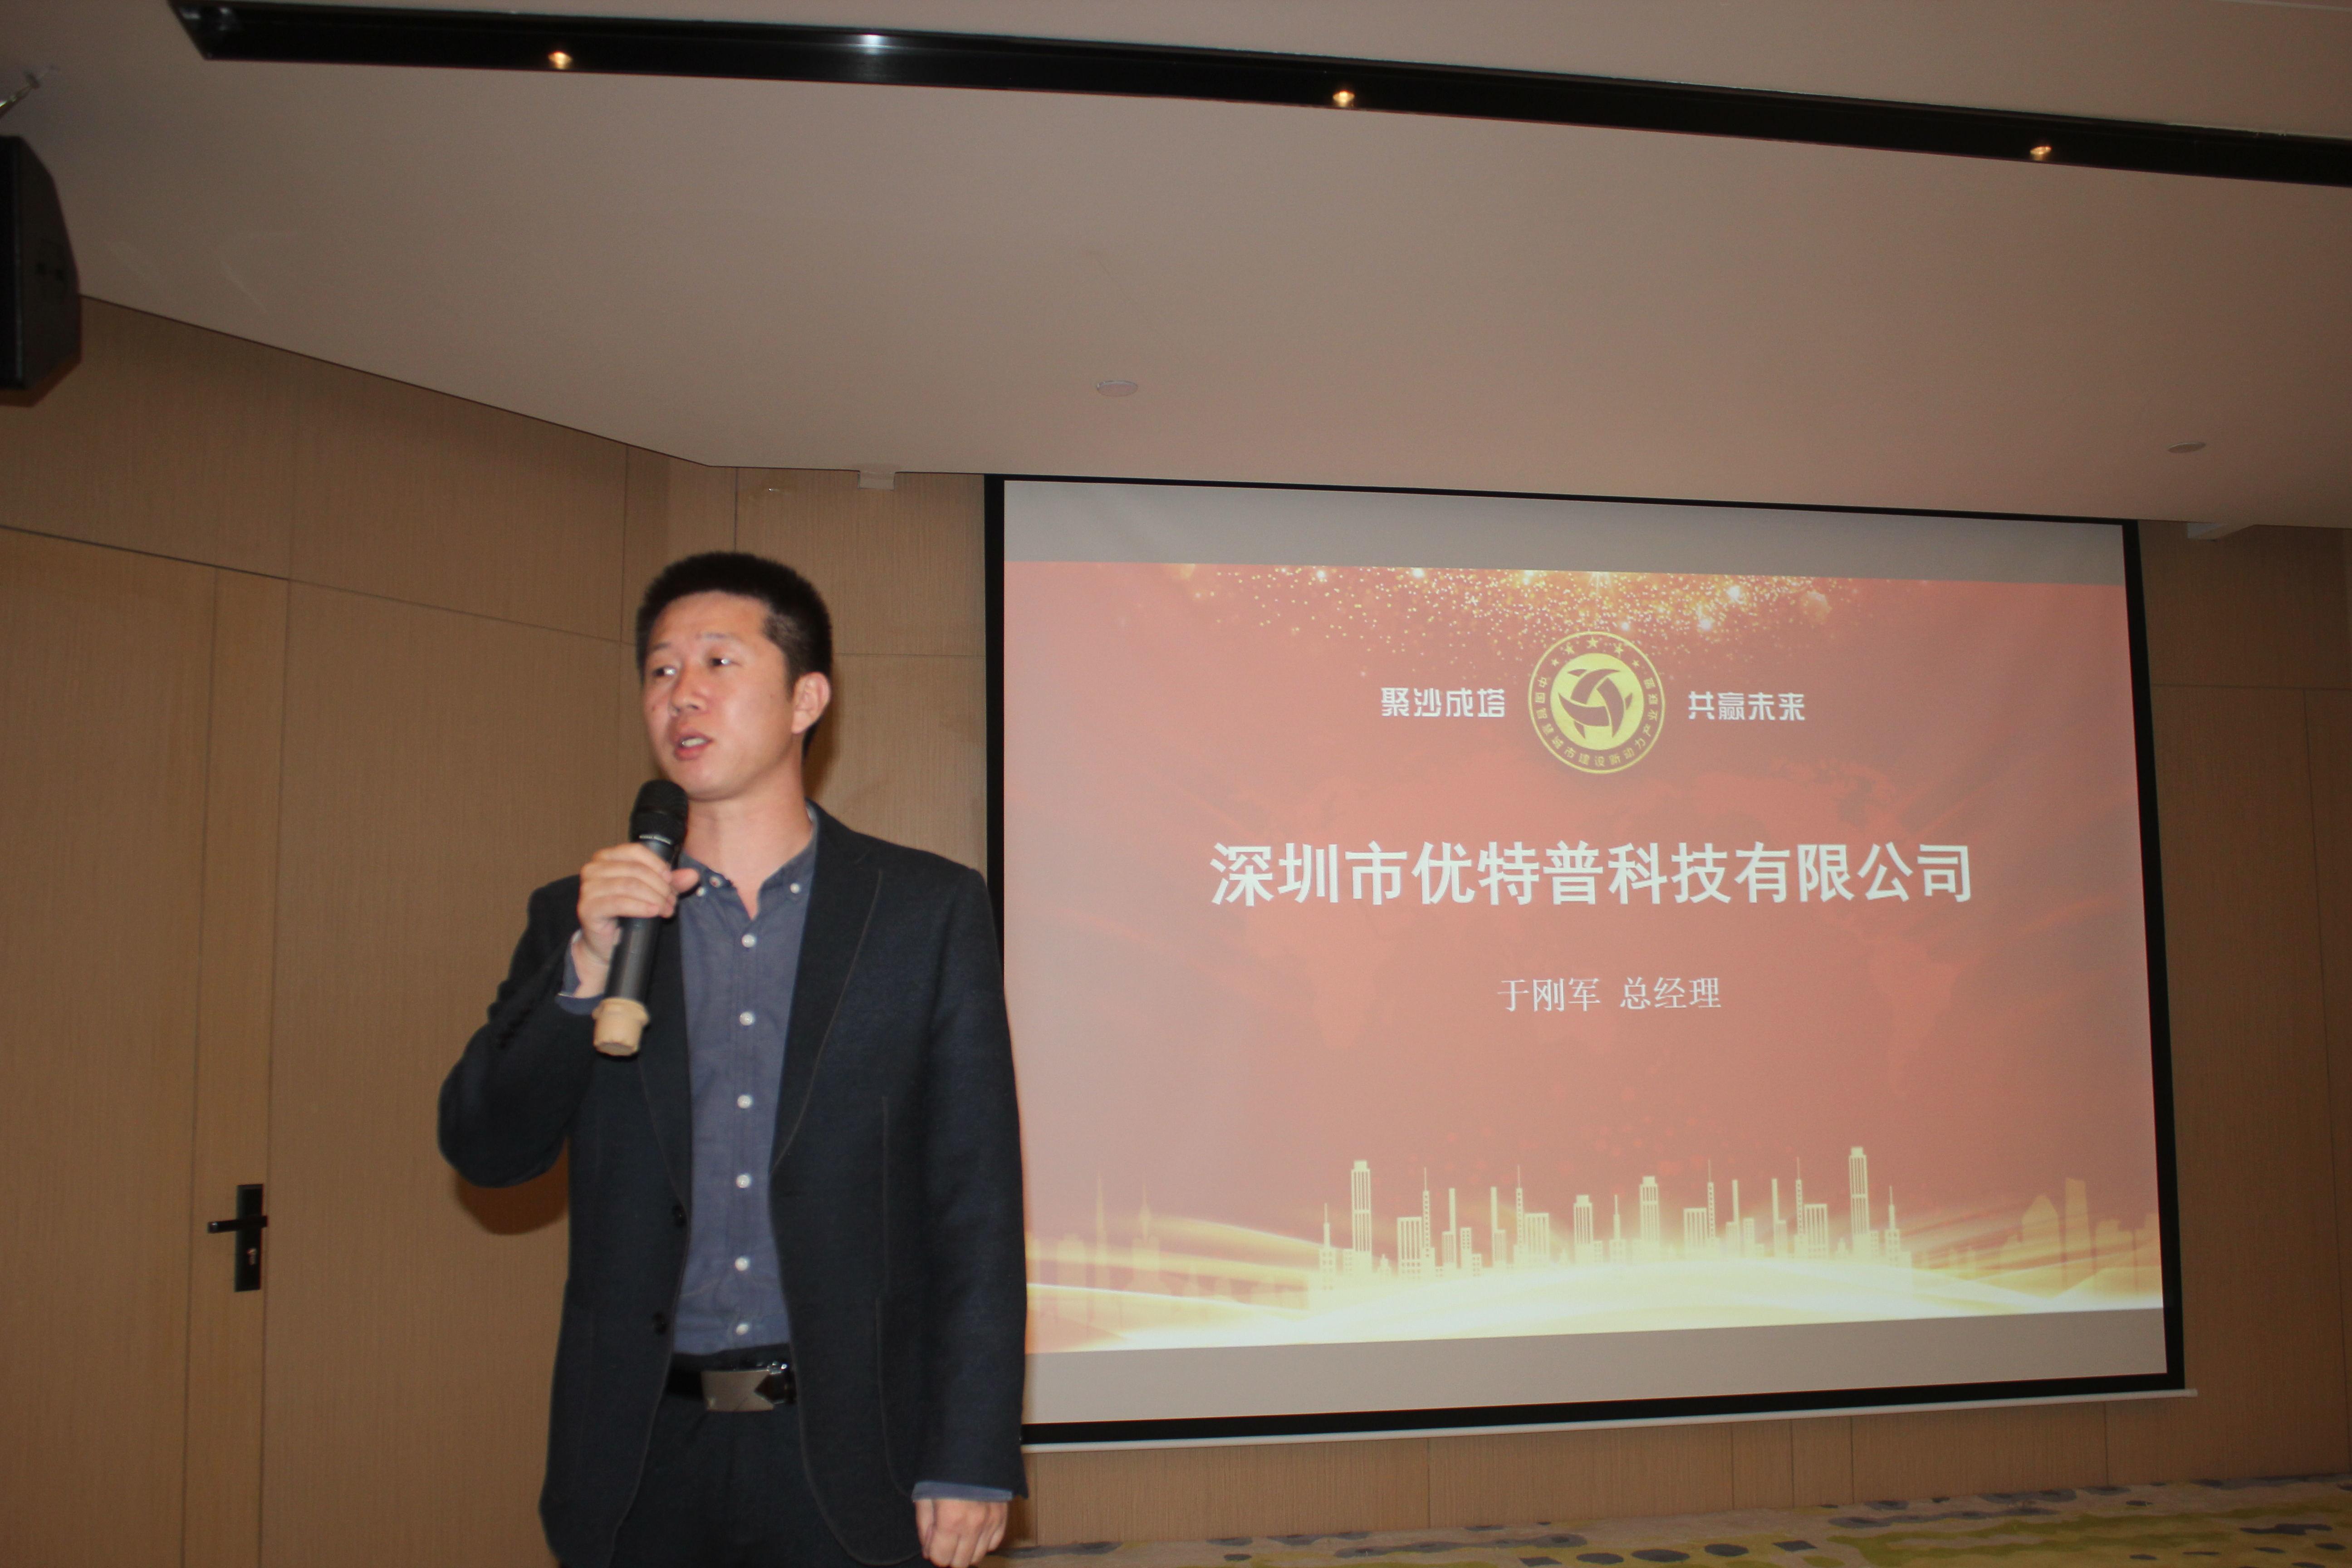 深圳市优特普科技有限公司总经理 于刚军